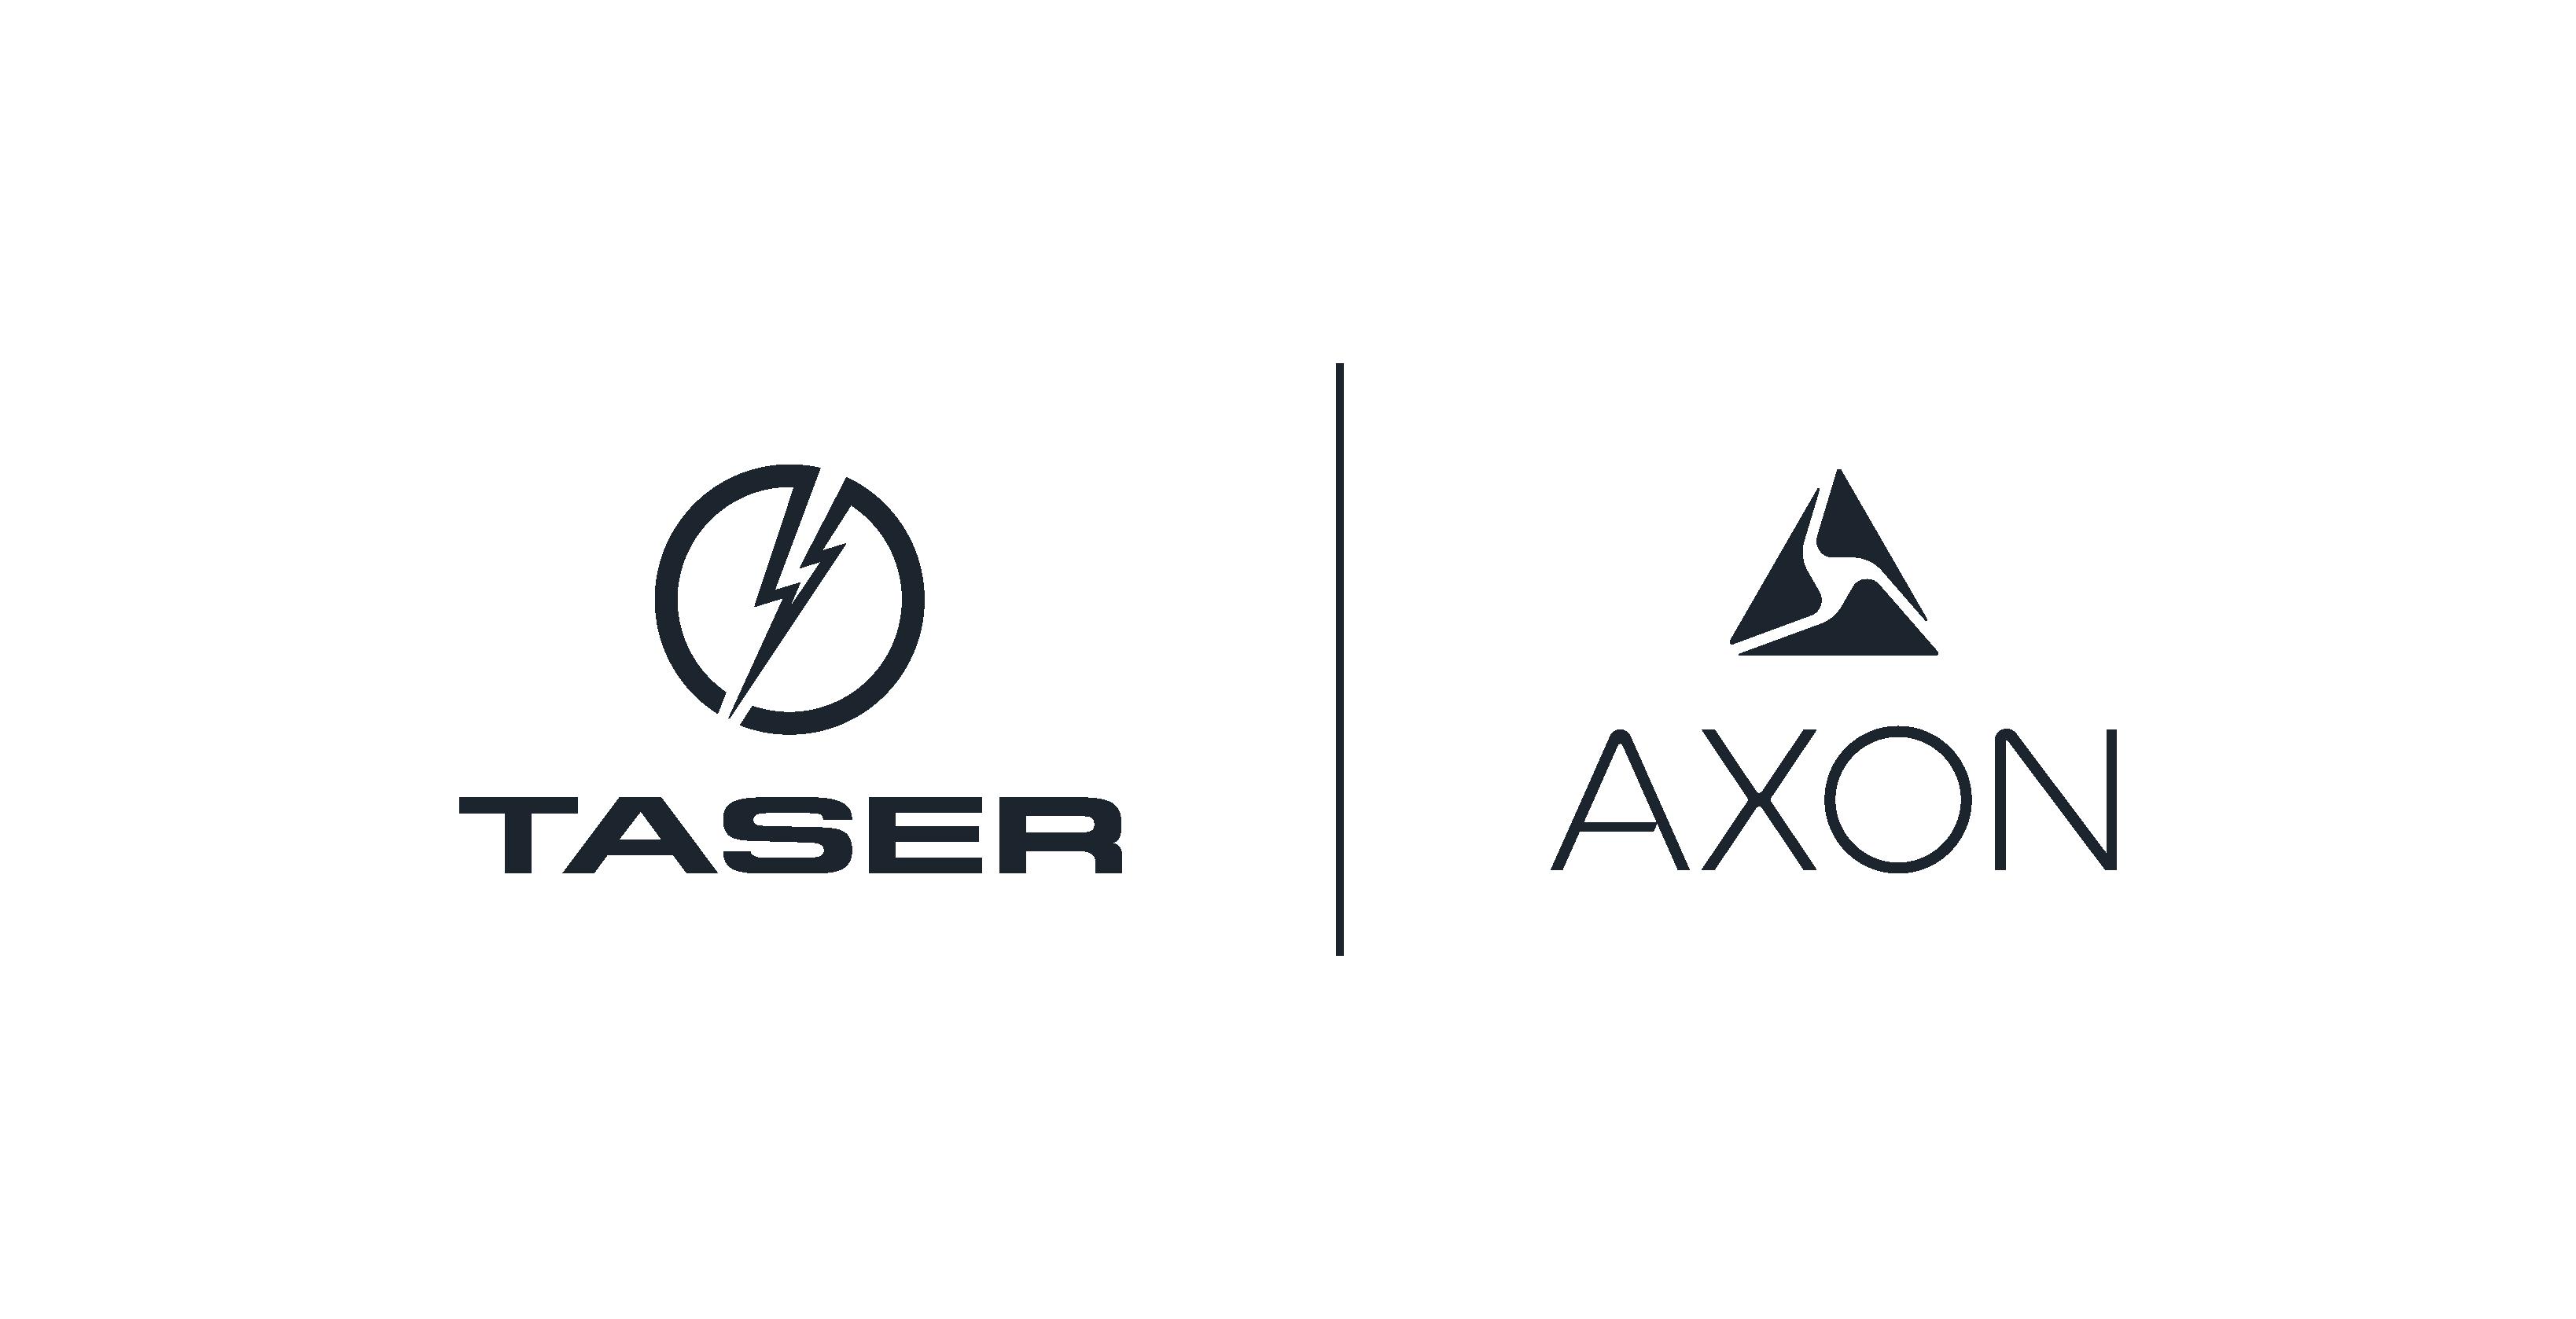 Axon Taser